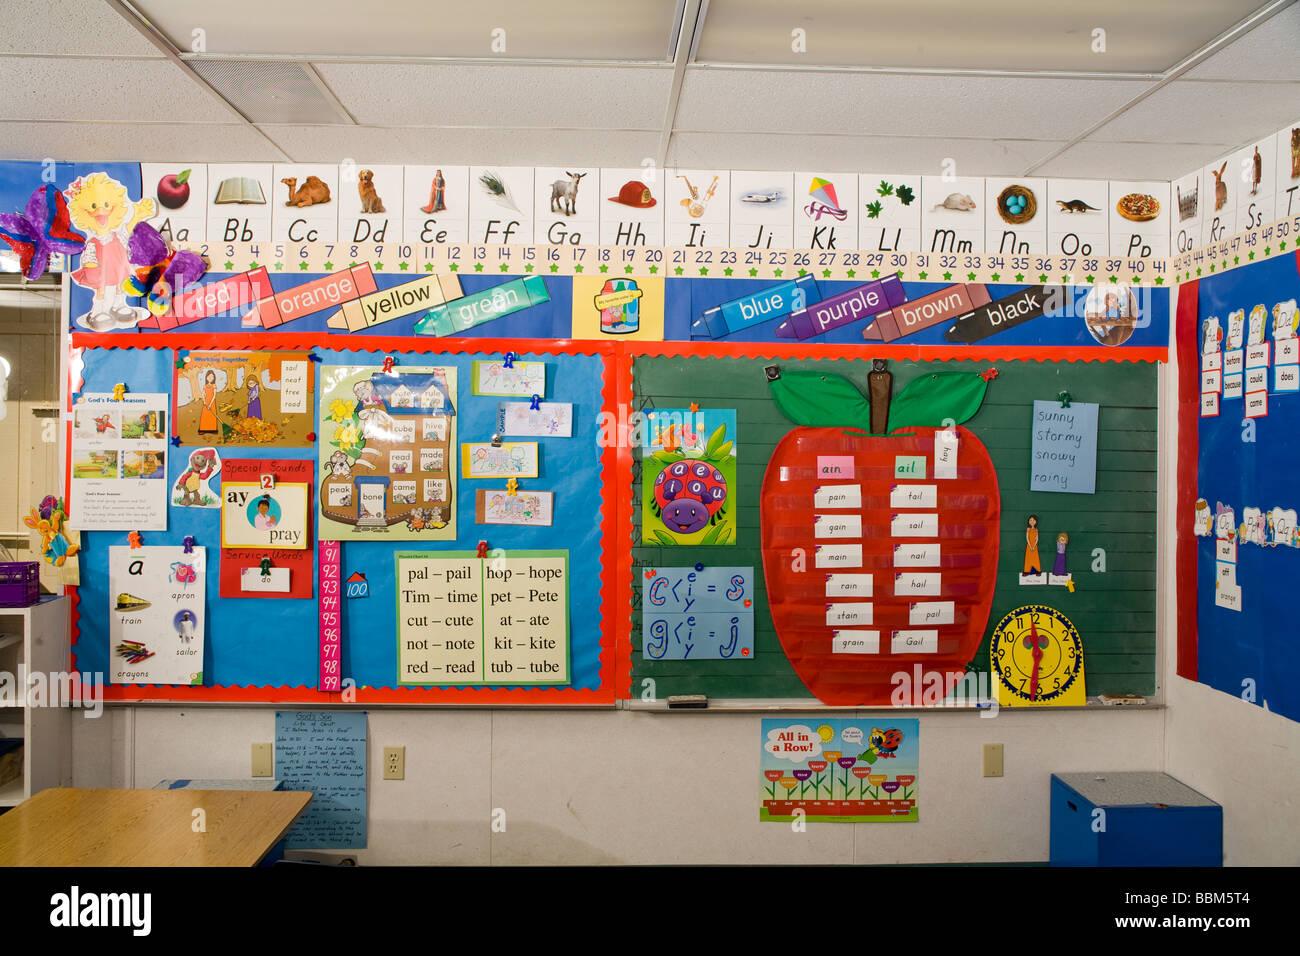 Alphabet Posters Displayed In Kindergarten Classroom